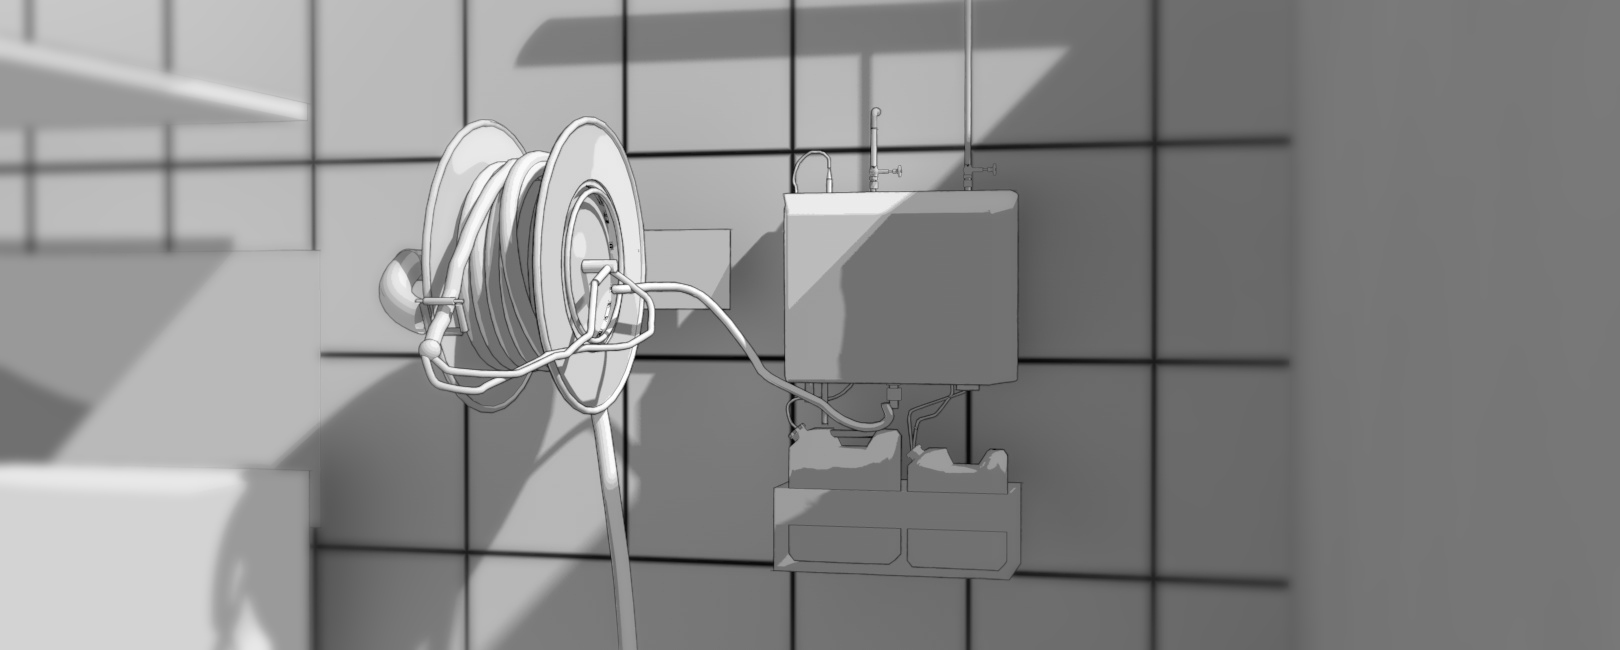 bebny samozwijajace rozprowadzenie wodne Systemy mycia zakładu serwiscsm